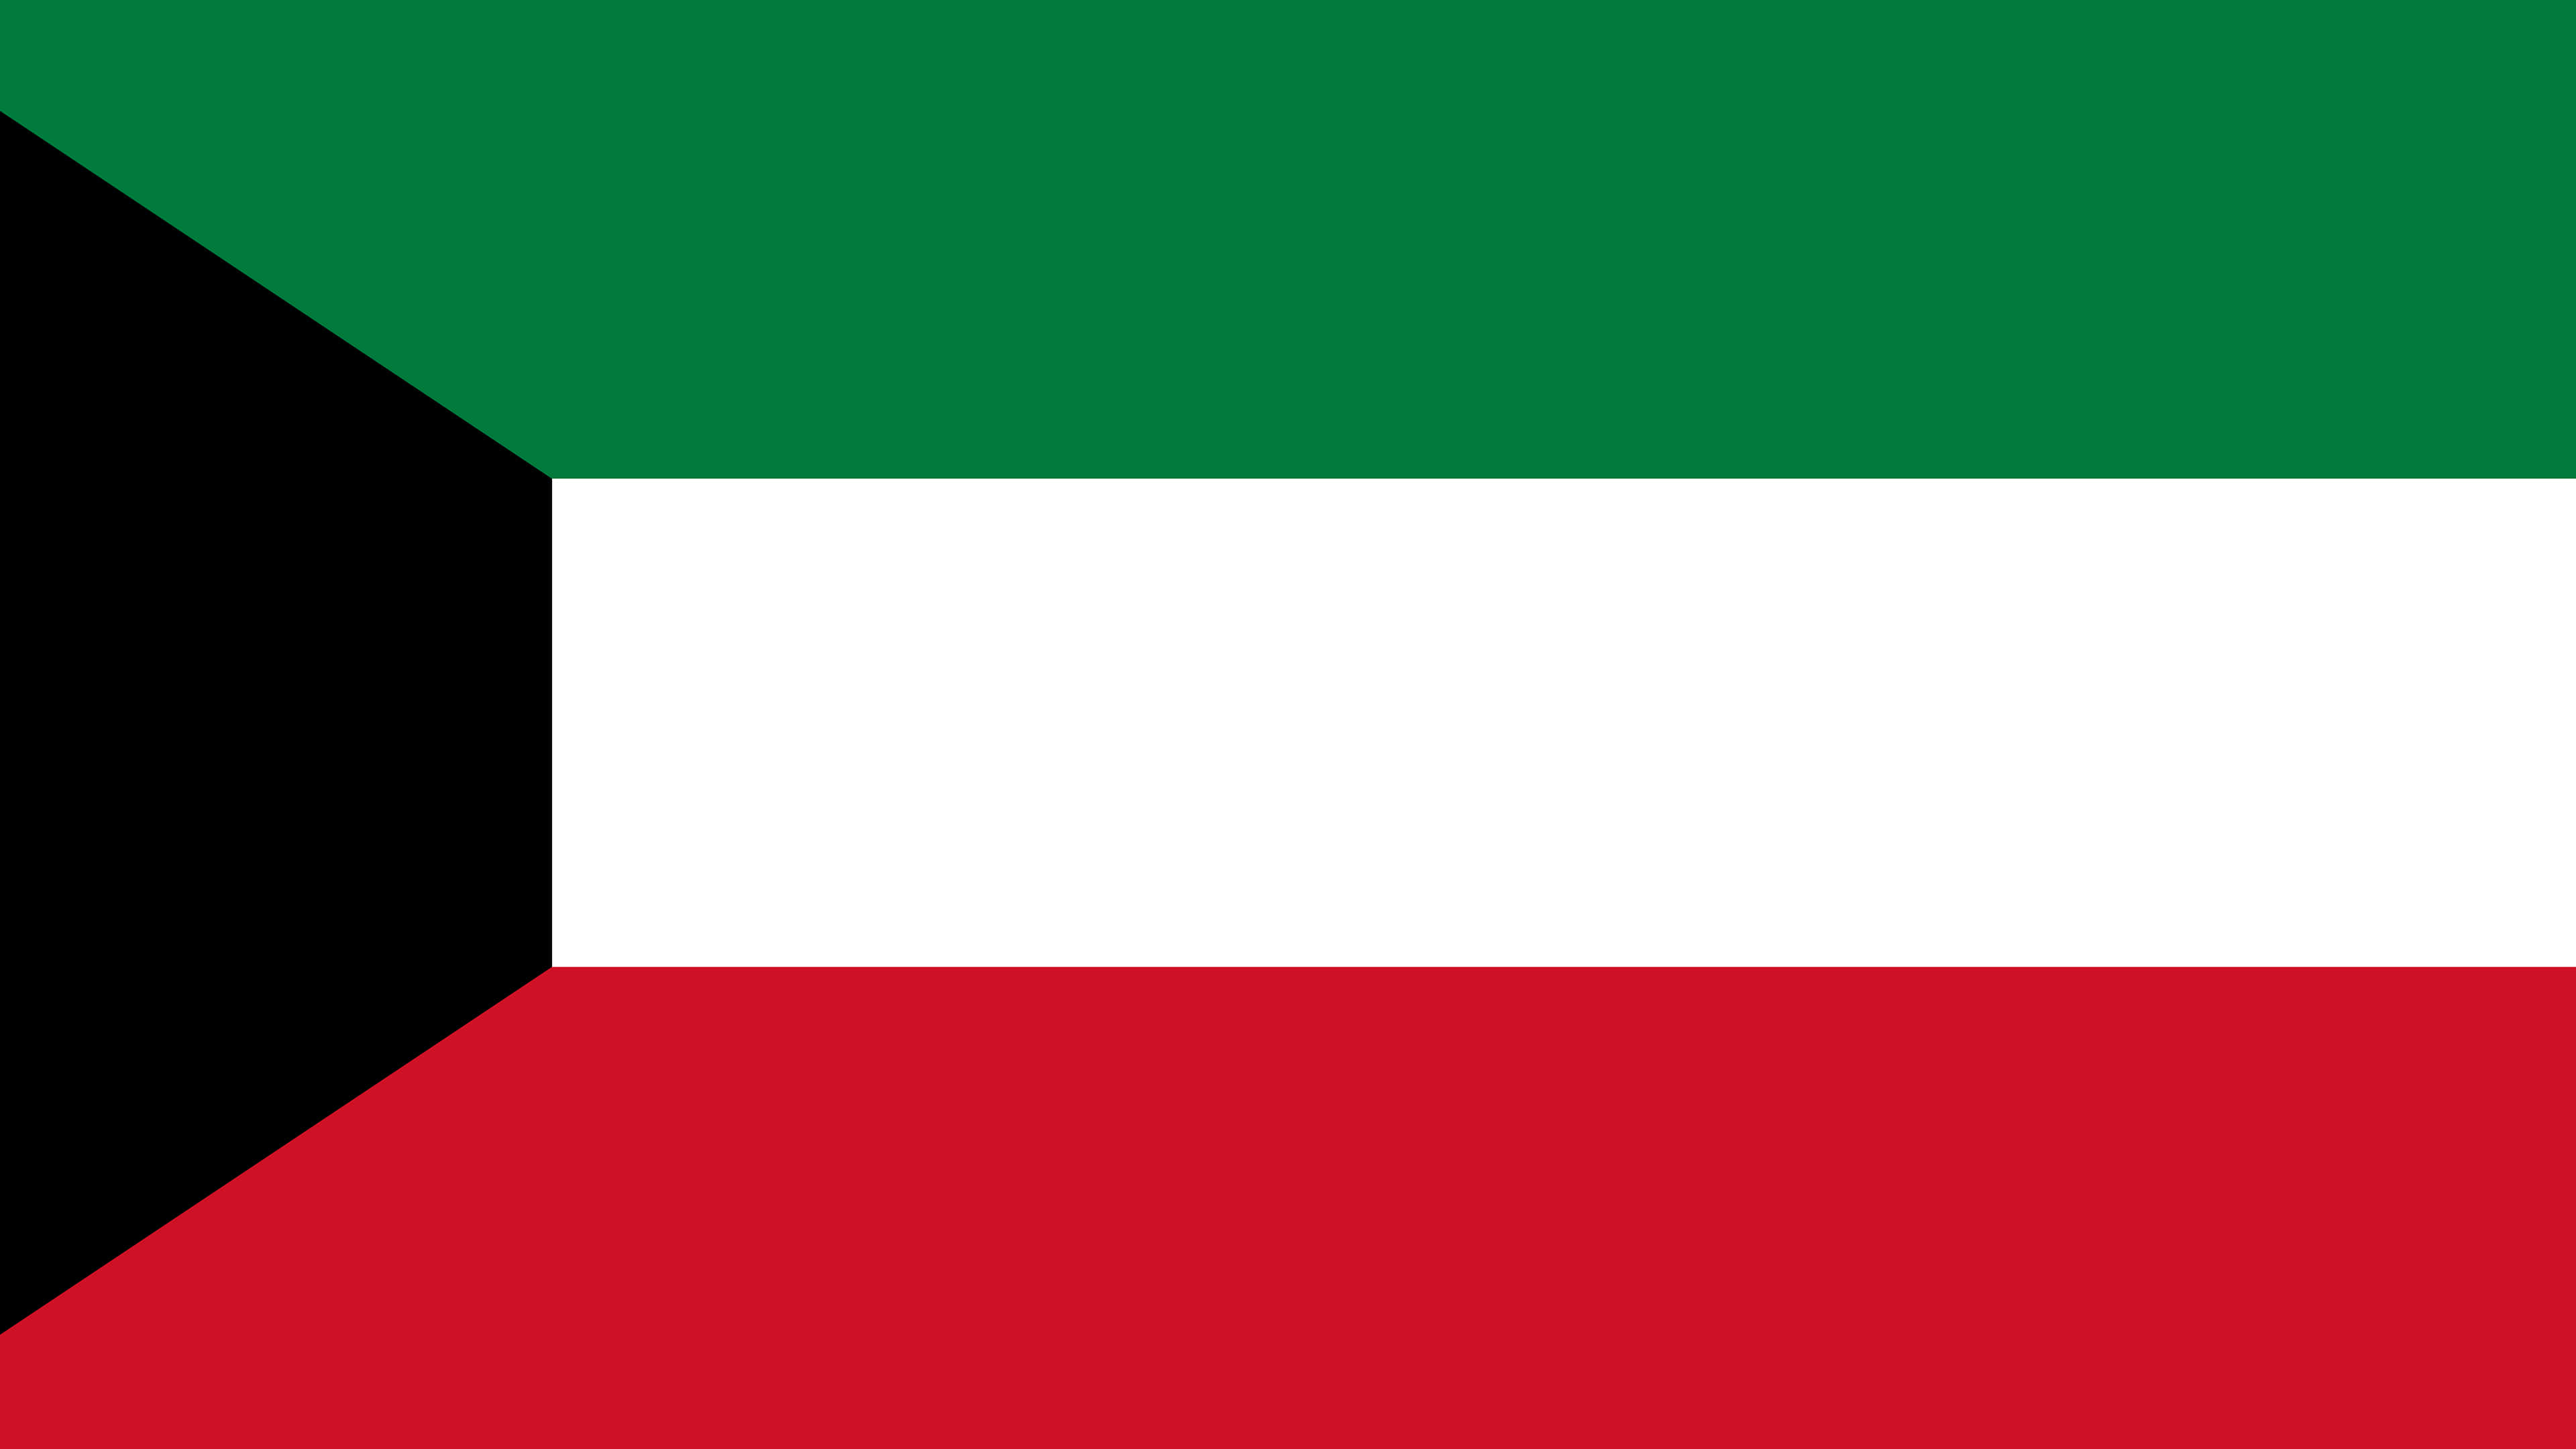 kuwait flag uhd 4k wallpaper